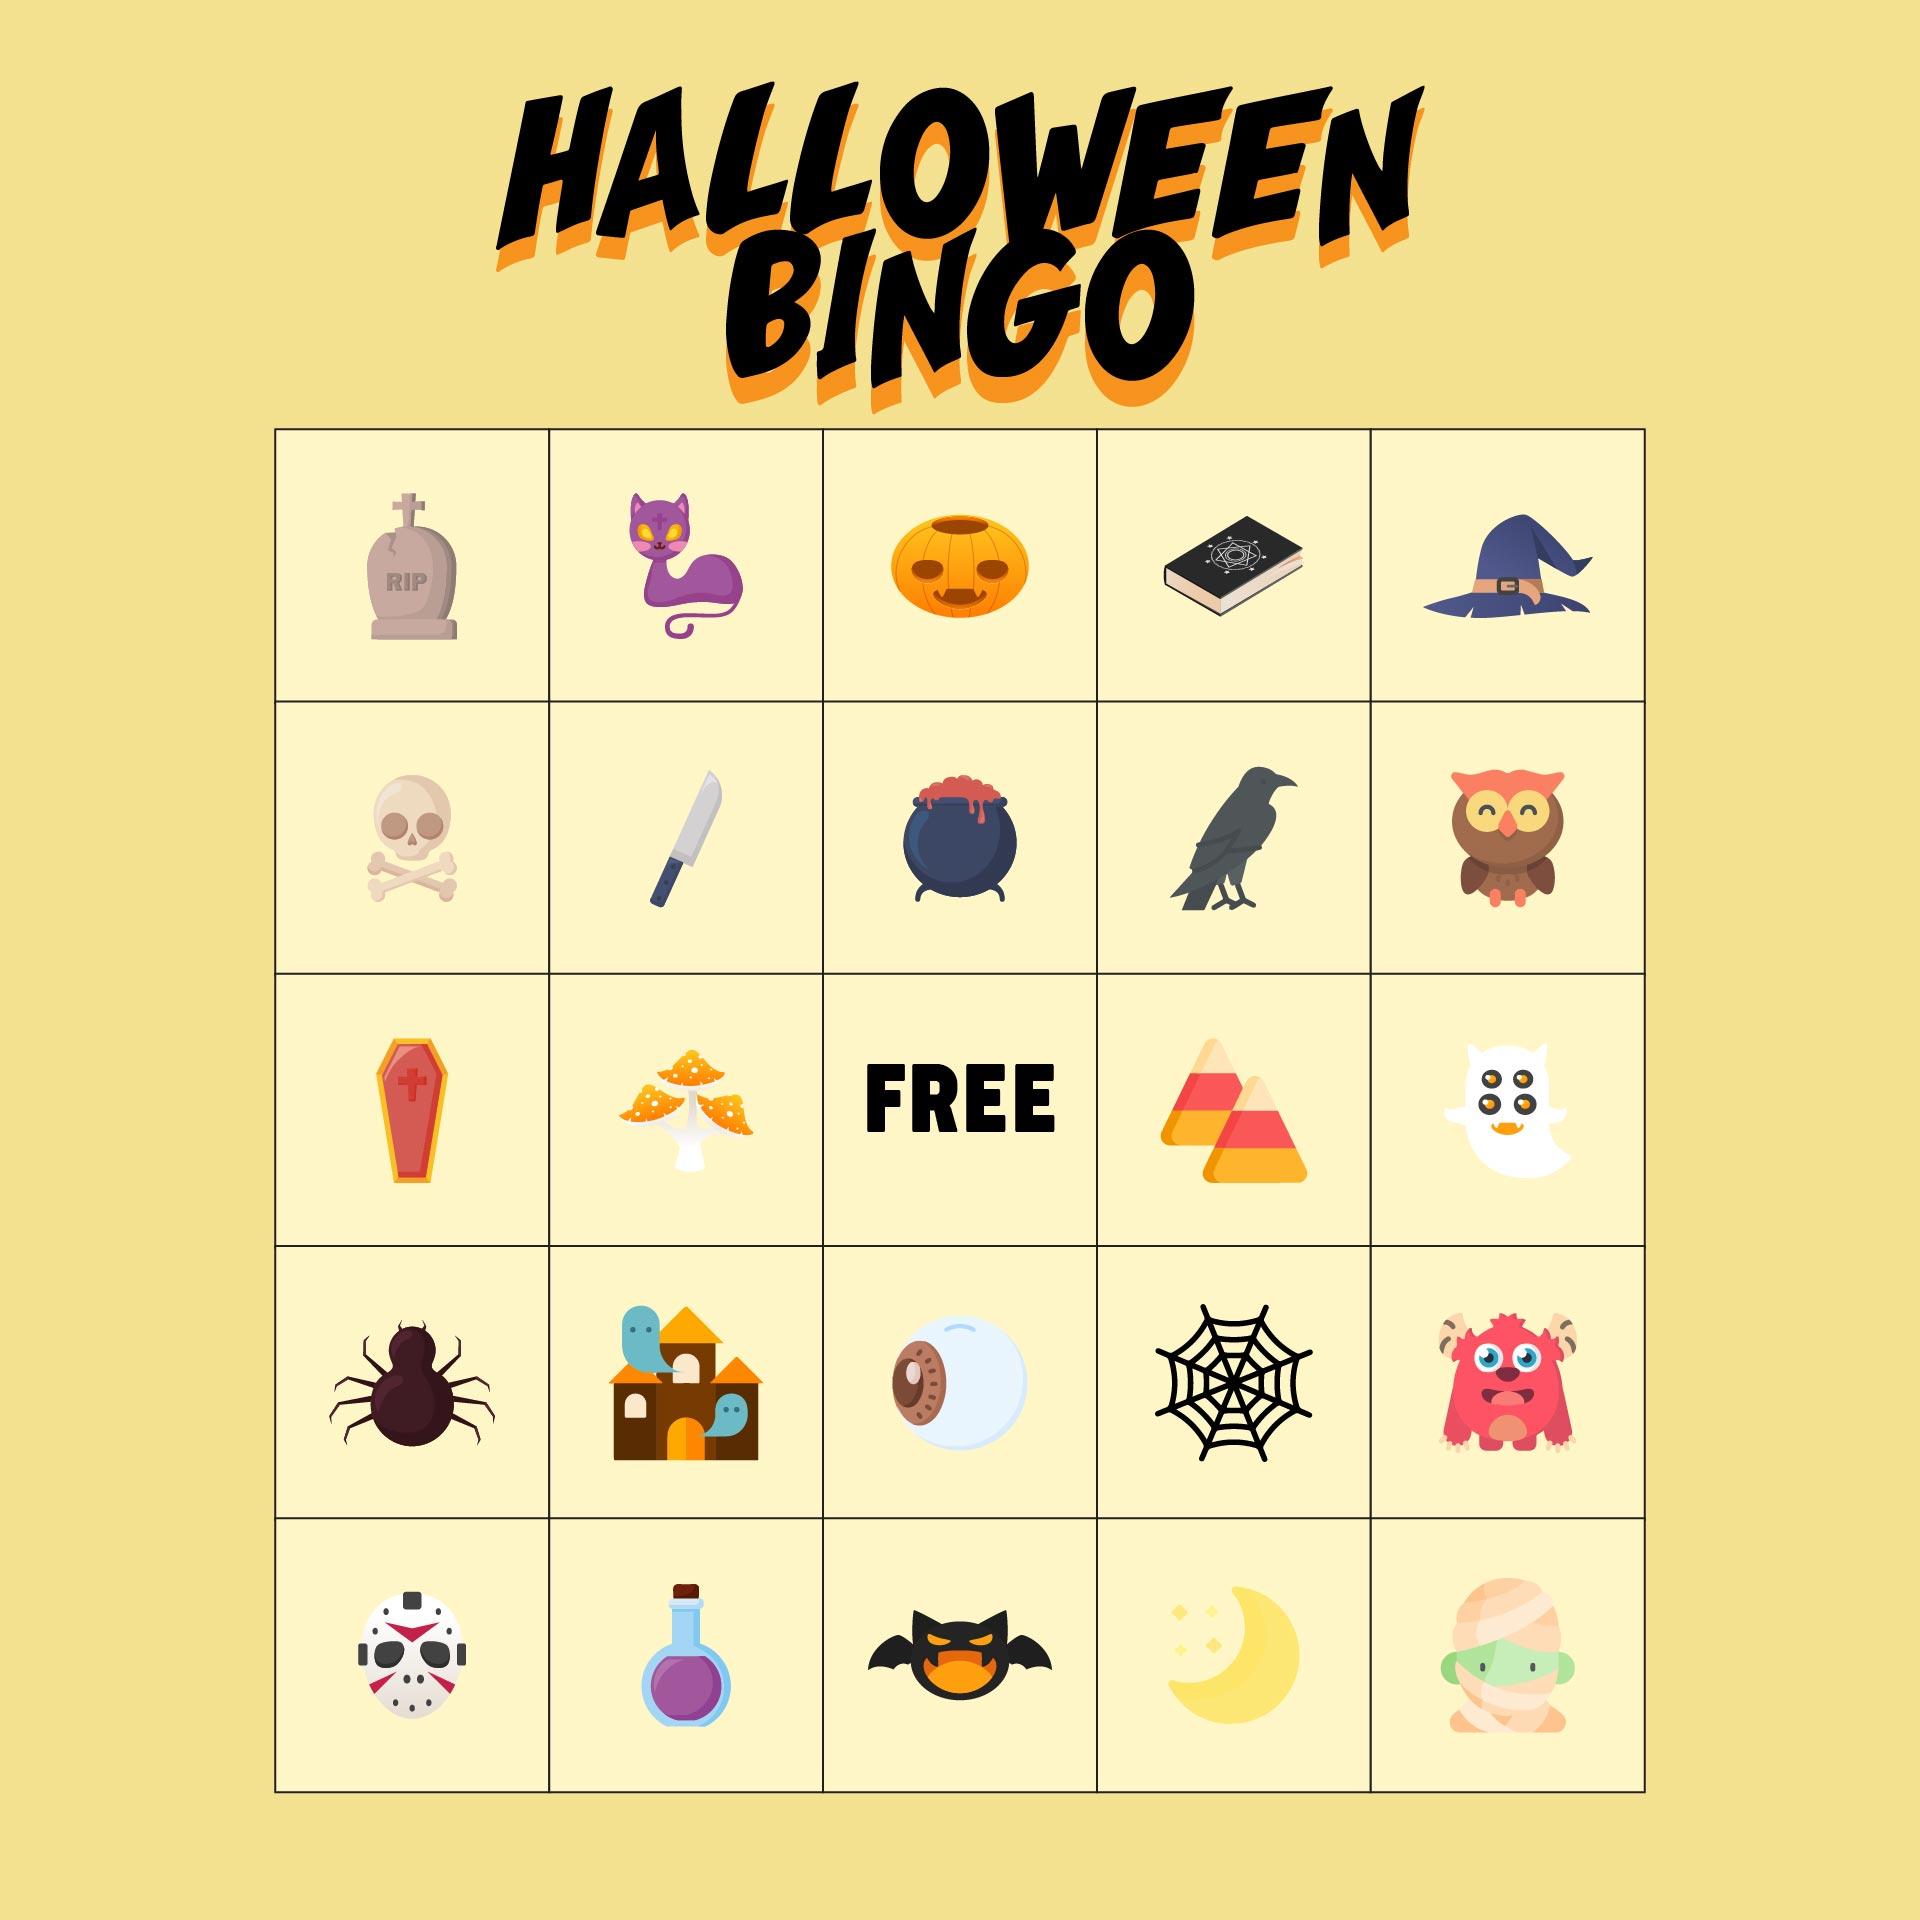 6 Images of Preschool Printable Halloween Bingo Cards